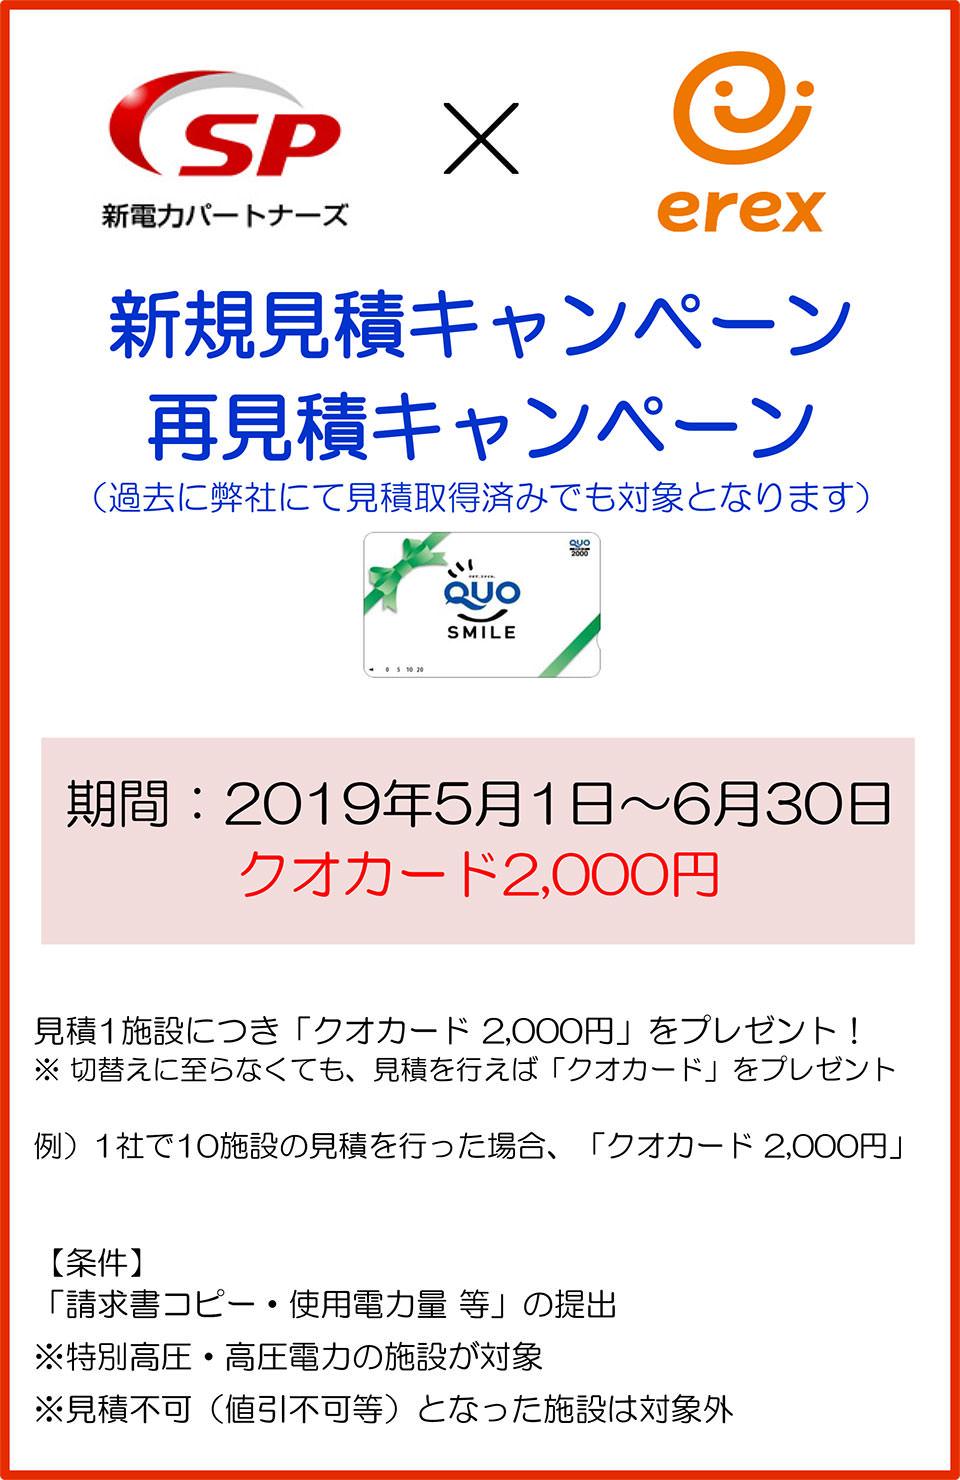 見積キャンペーン「クオカード2,000円」 期間:5/1~6/30